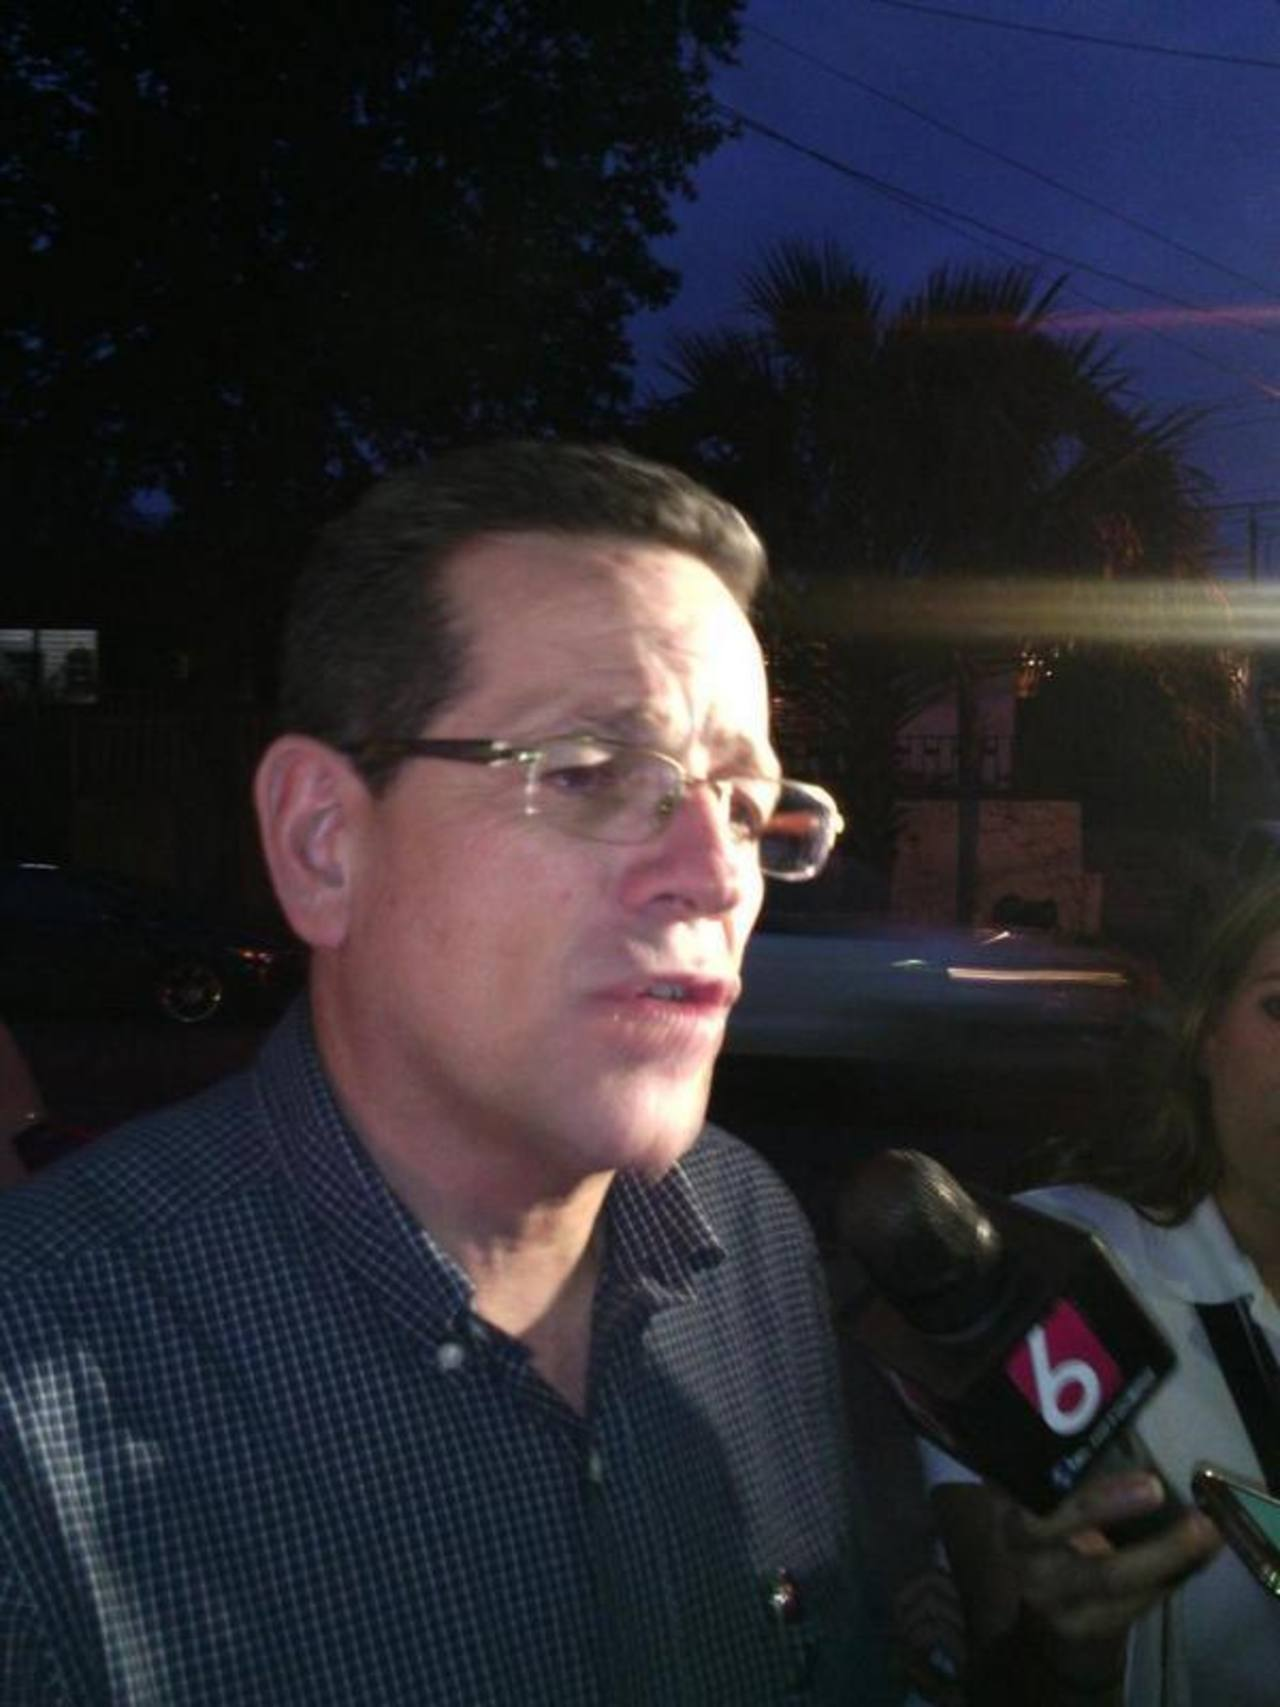 El presidente del Coena, Jorge Velado, habló con los medios de comunicación sobre el proceso de elección del aspirante a la alcaldía de San Salvador.